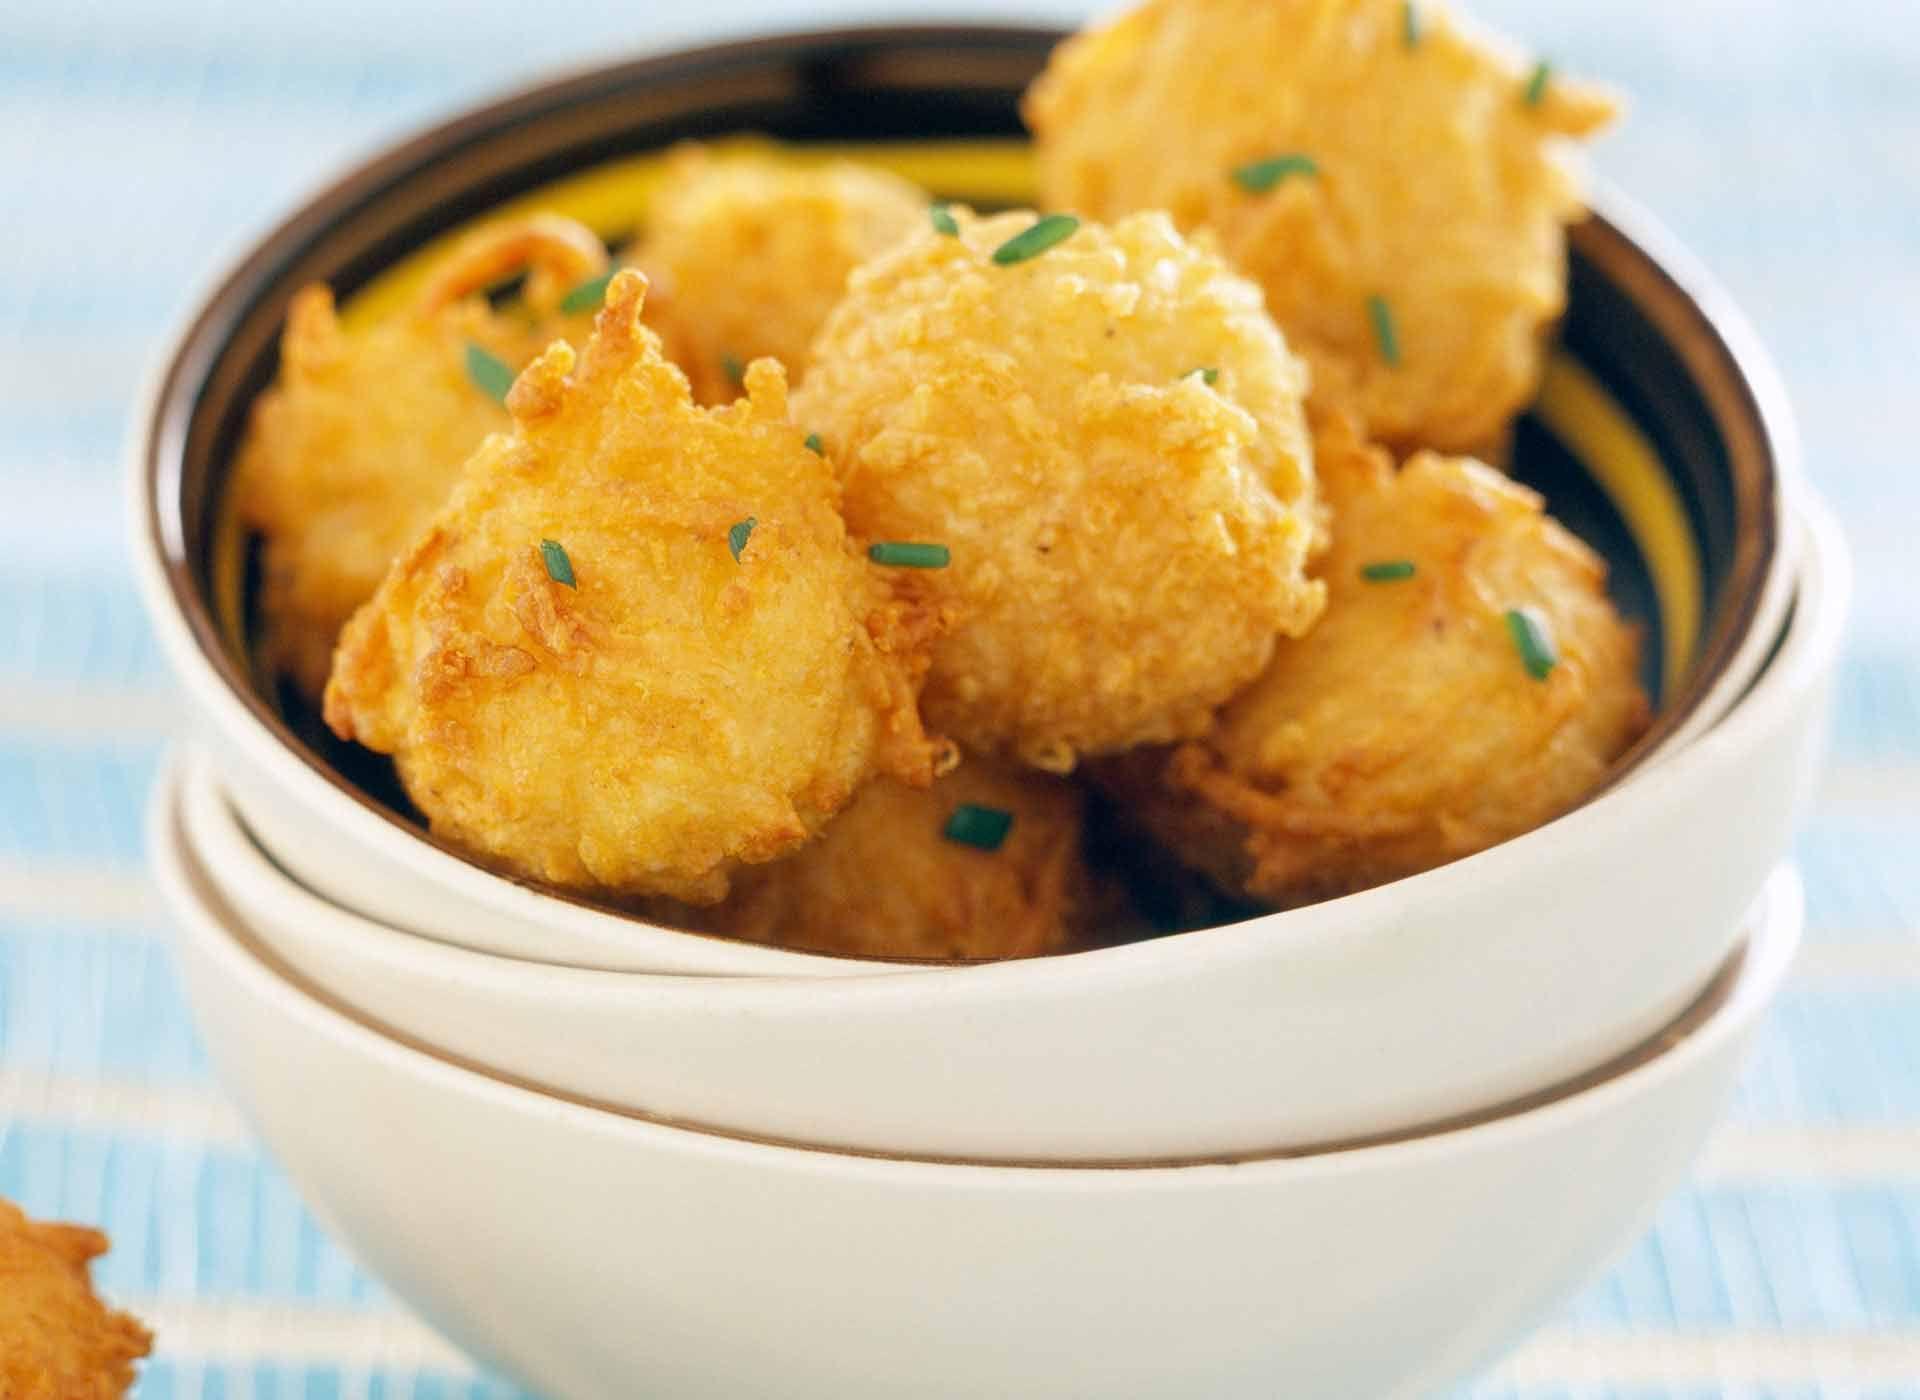 Croquette De Jambon Au Four découvrez notre recette de croquettes de jambon, facile à